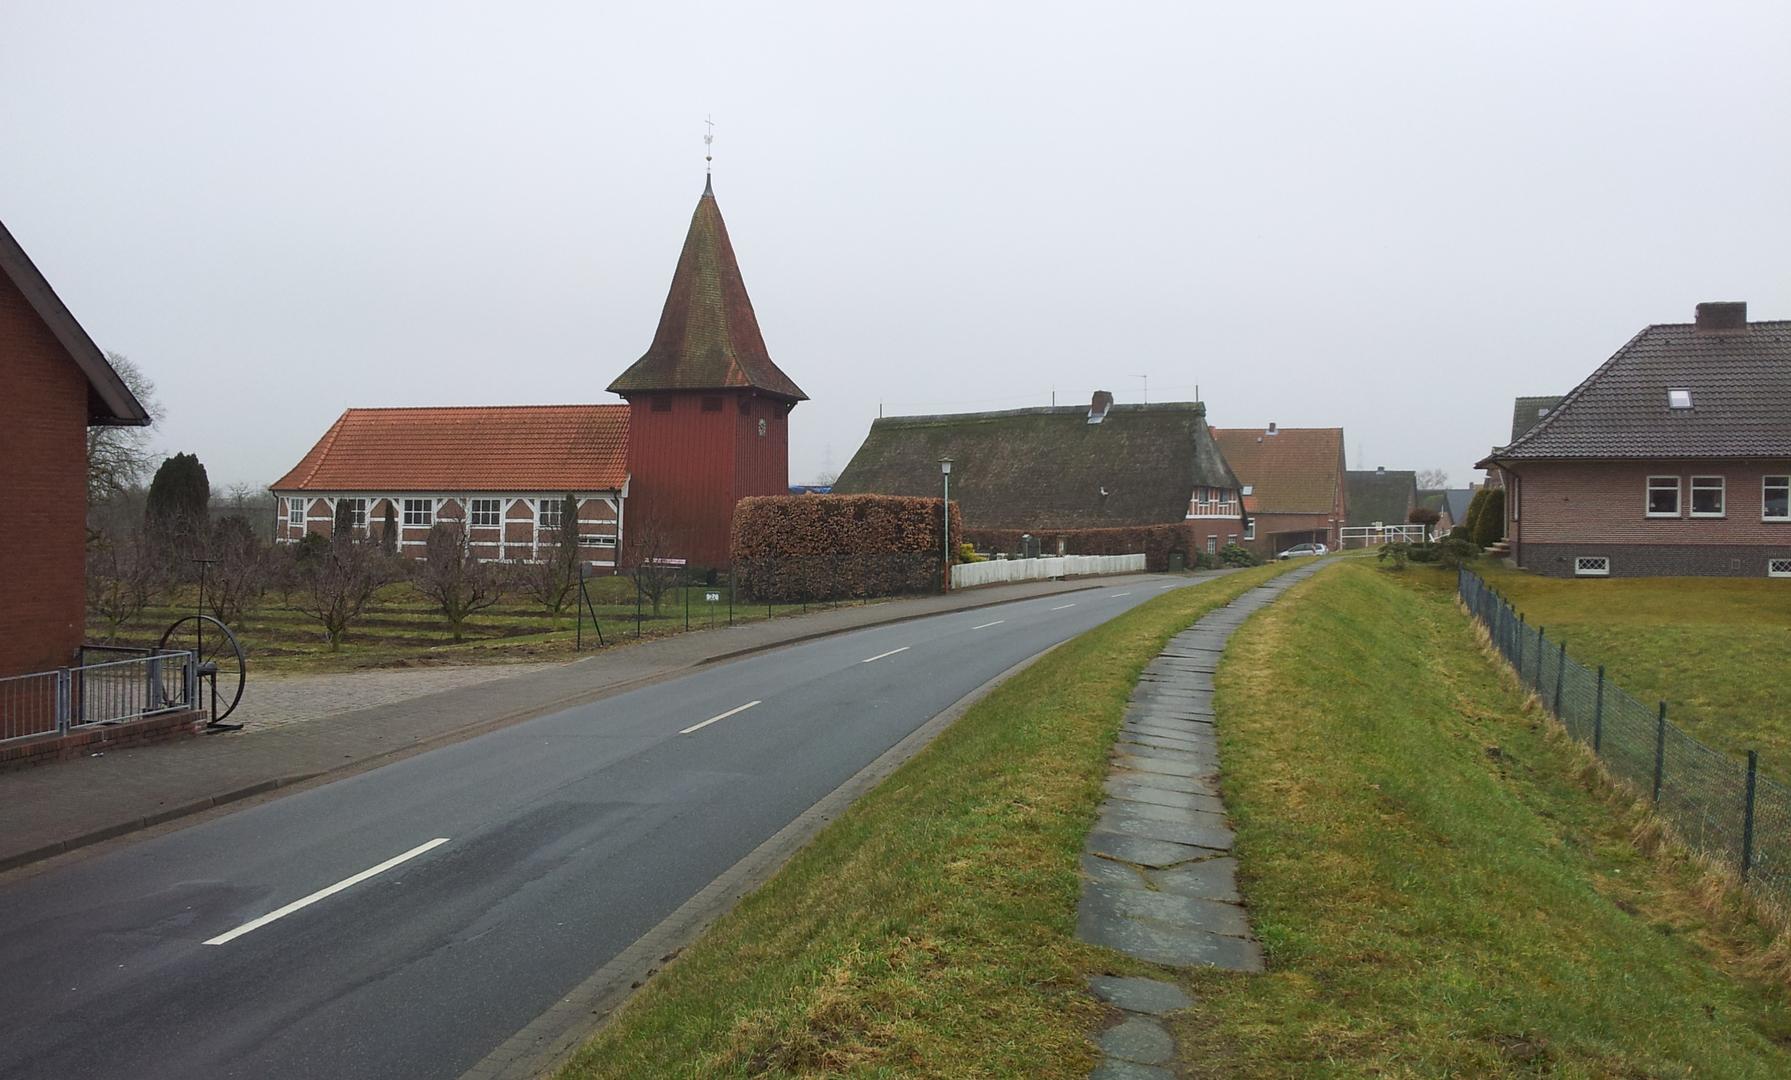 St. Johanniskirche, Neuenkirchen